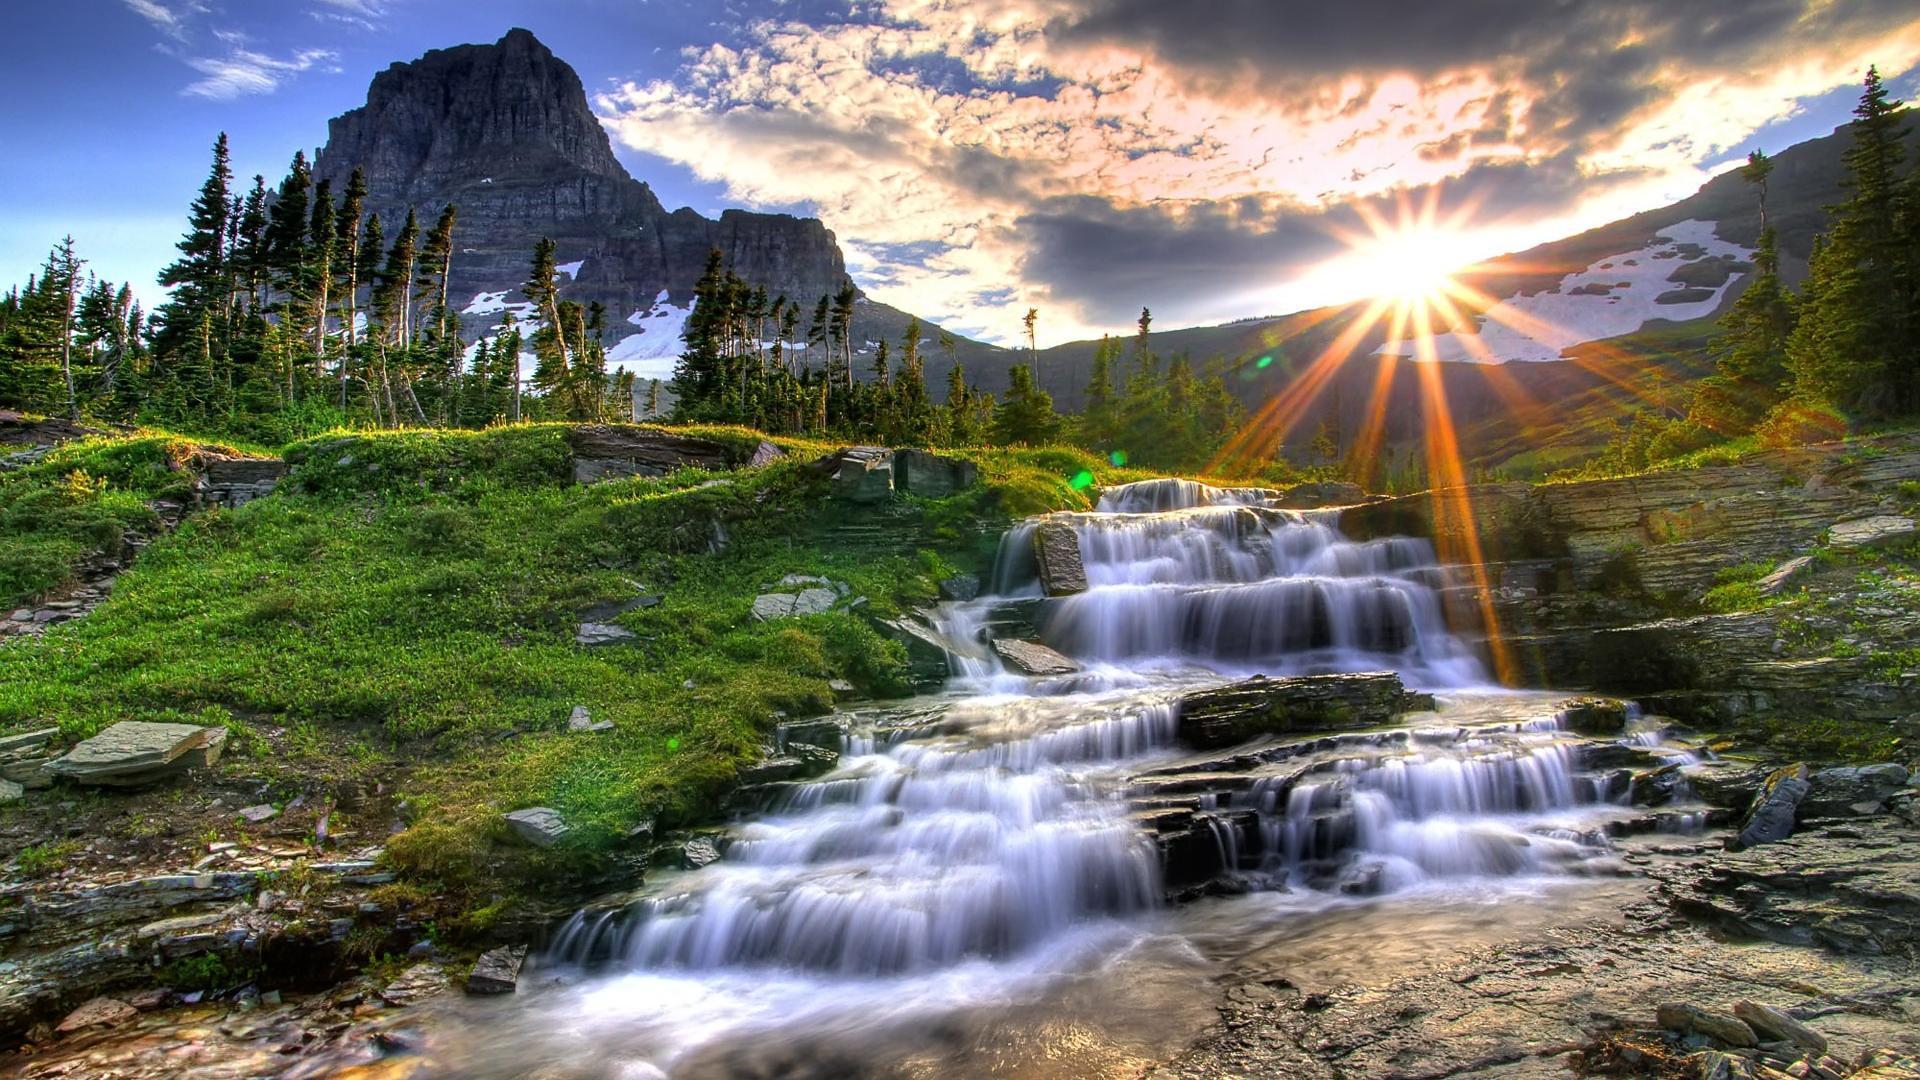 Image result for awesome landscape background images